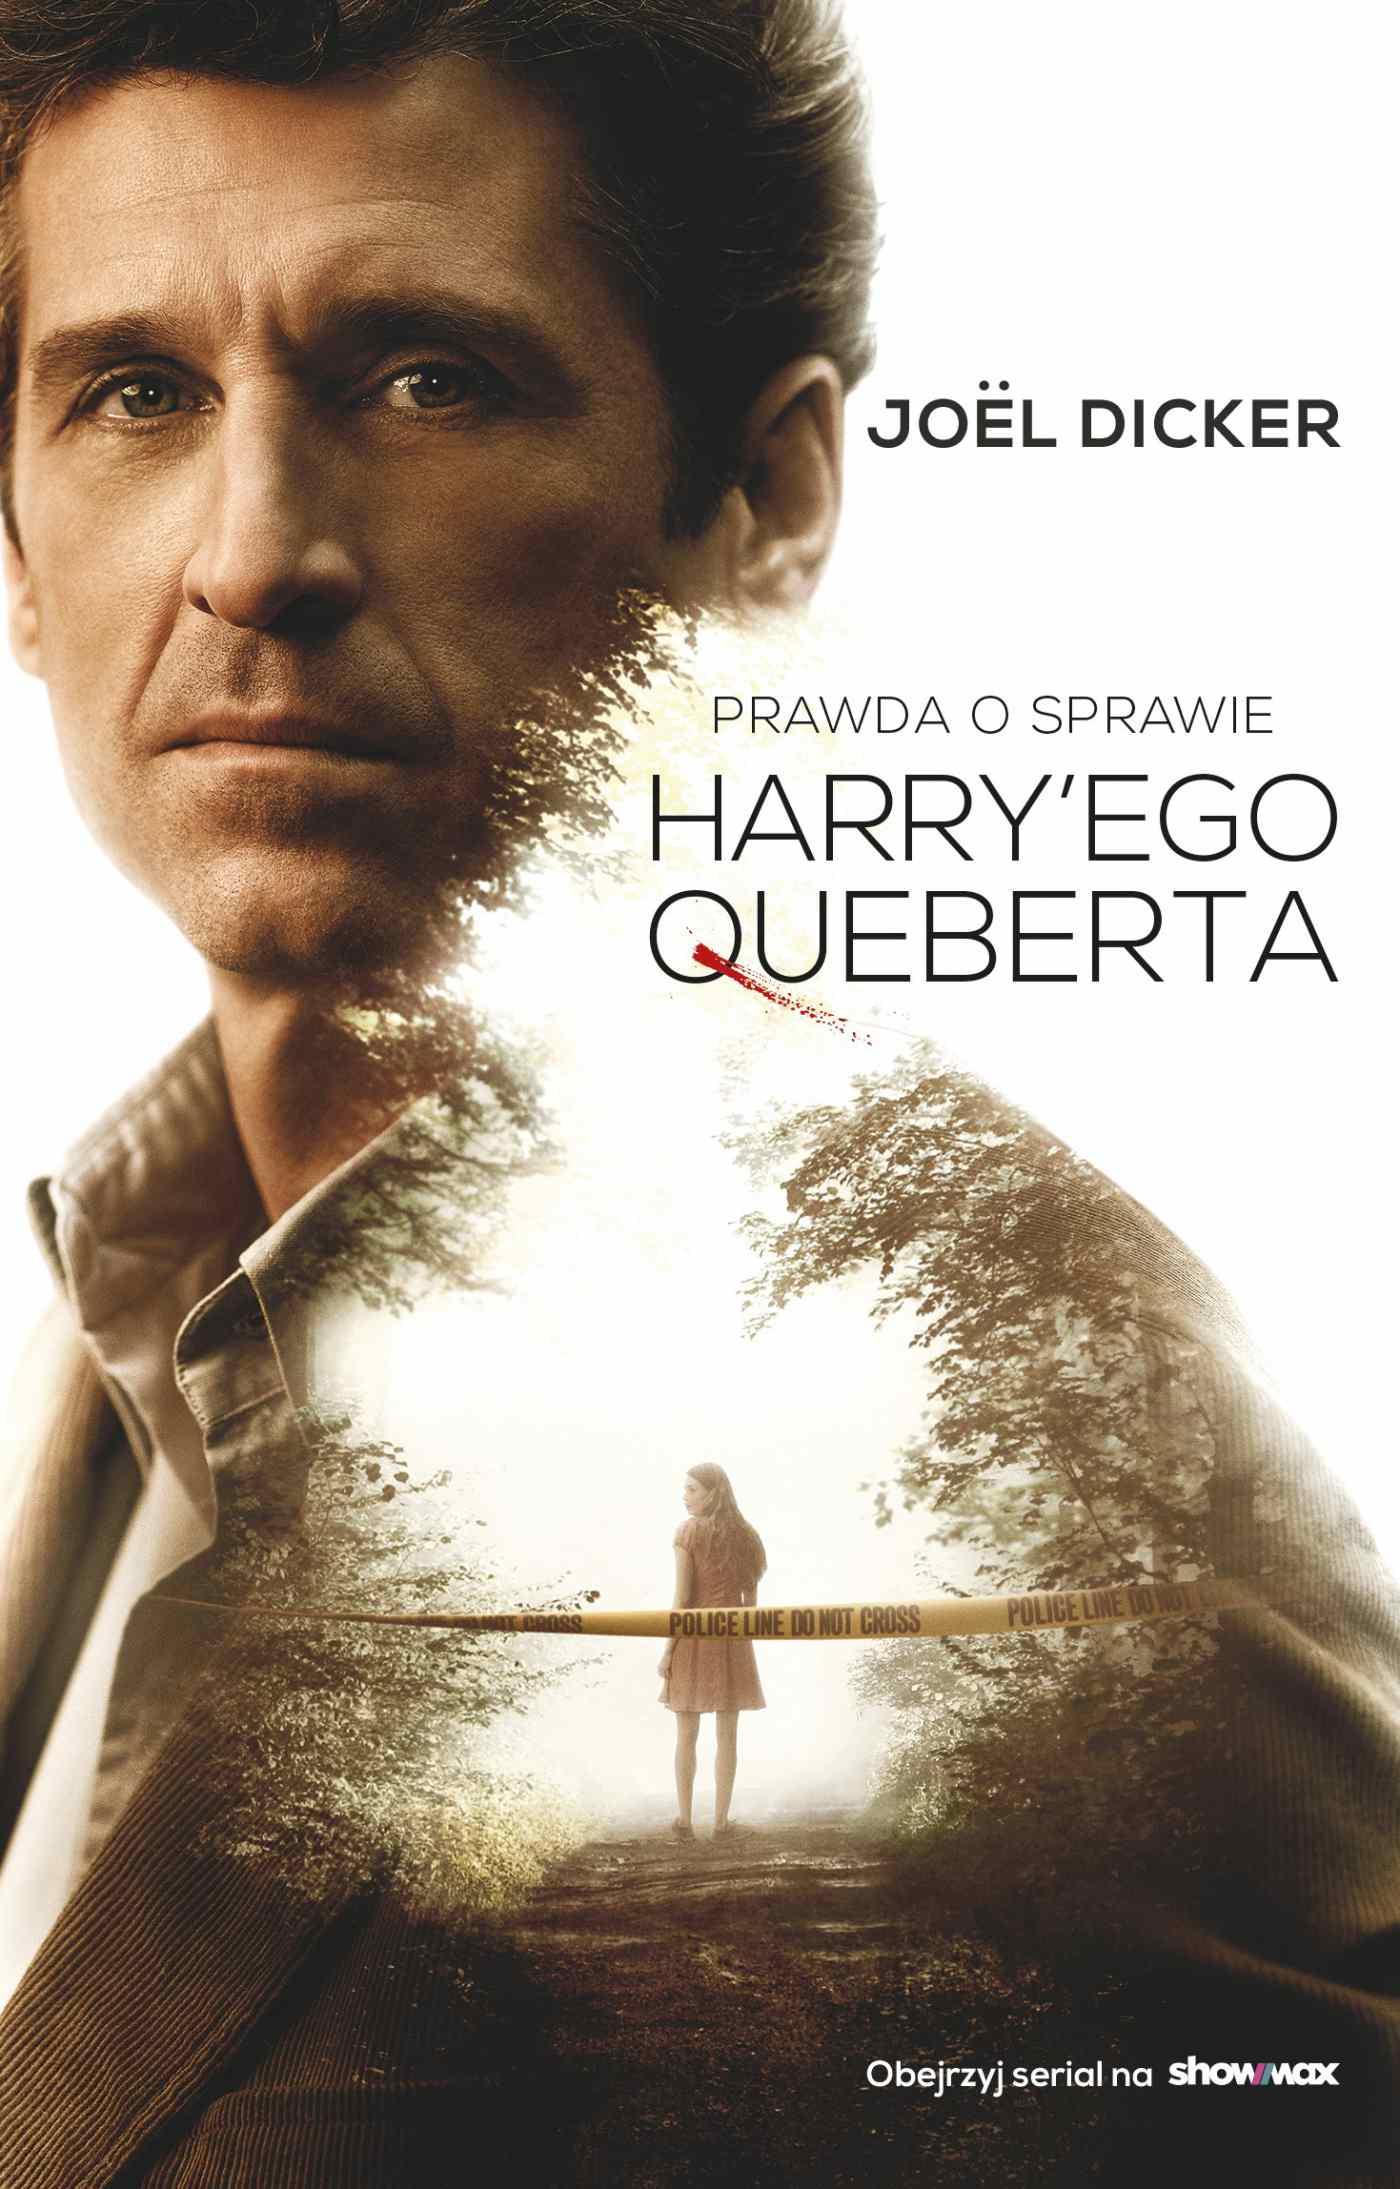 Prawda o sprawie Harry'ego Queberta - Ebook (Książka na Kindle) do pobrania w formacie MOBI